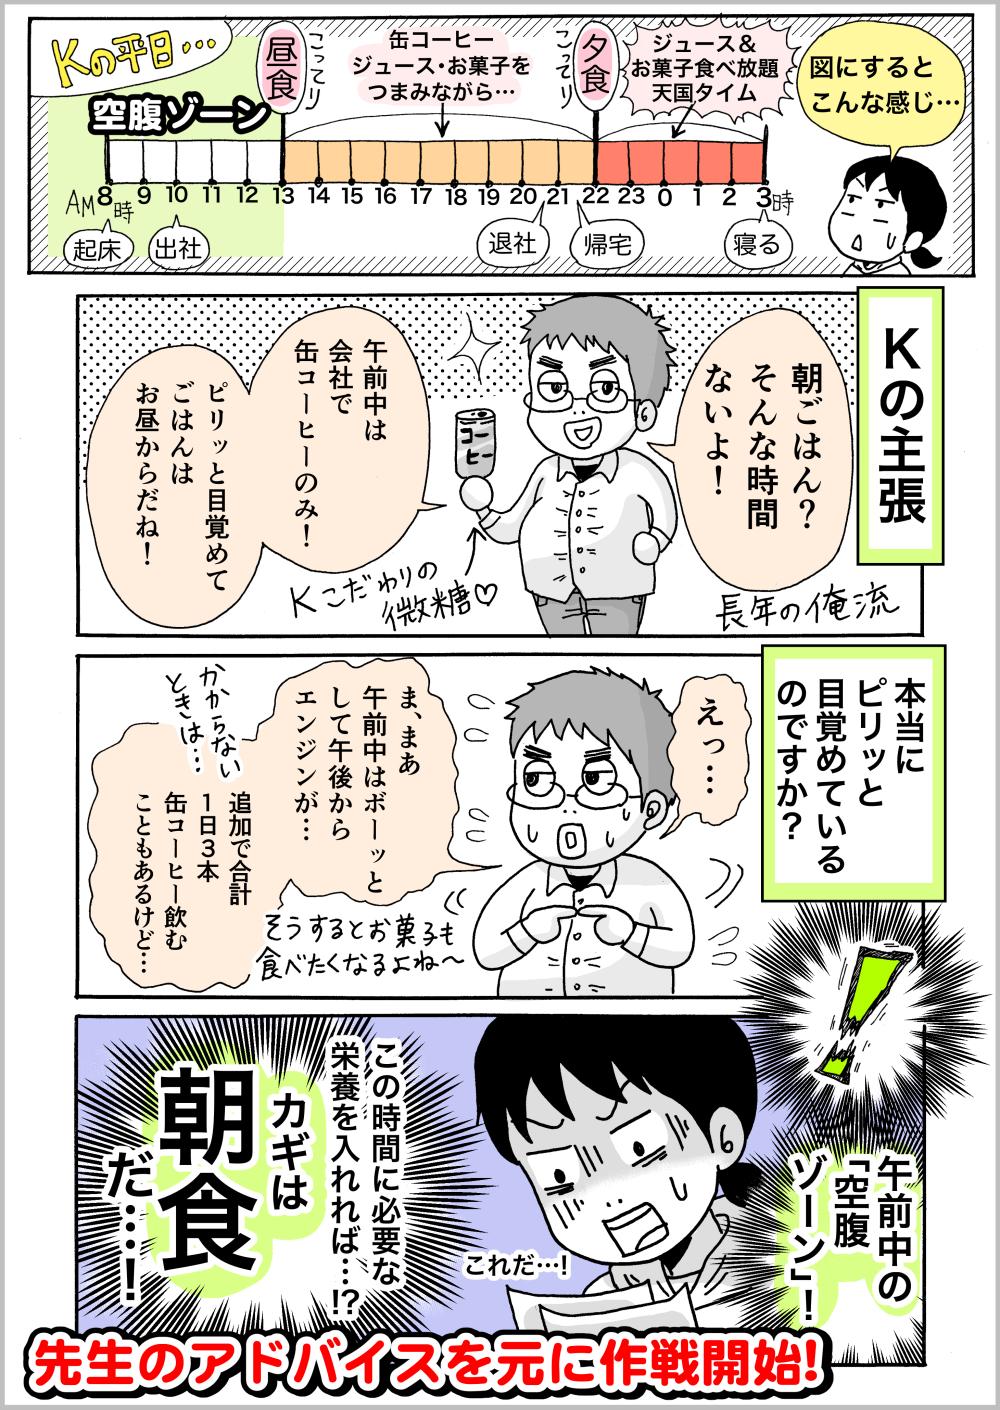 choshoku_3